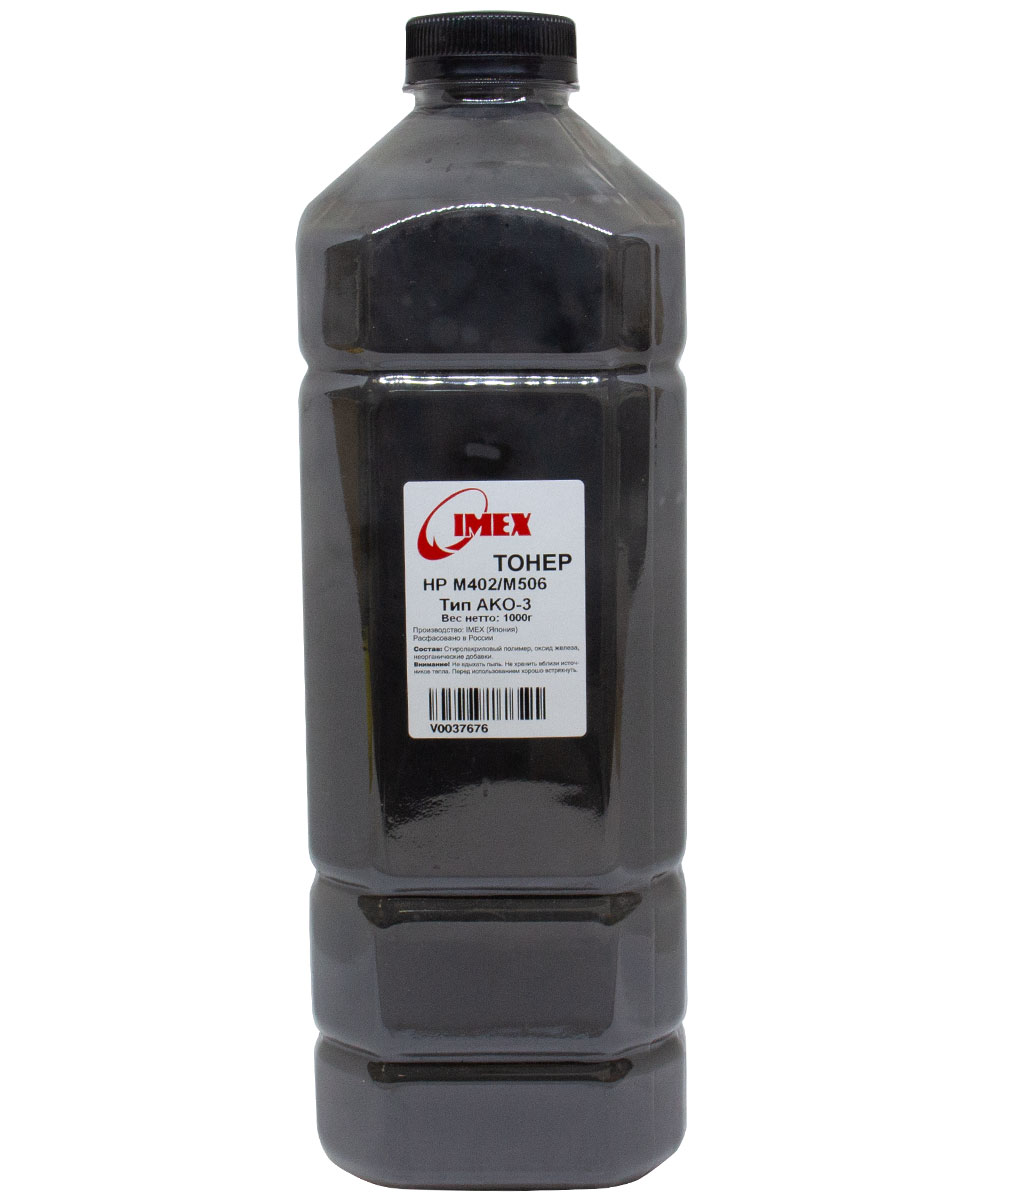 Тонер Imex для HP M402/M506, Тип AKO-3, 1 кг, канистра